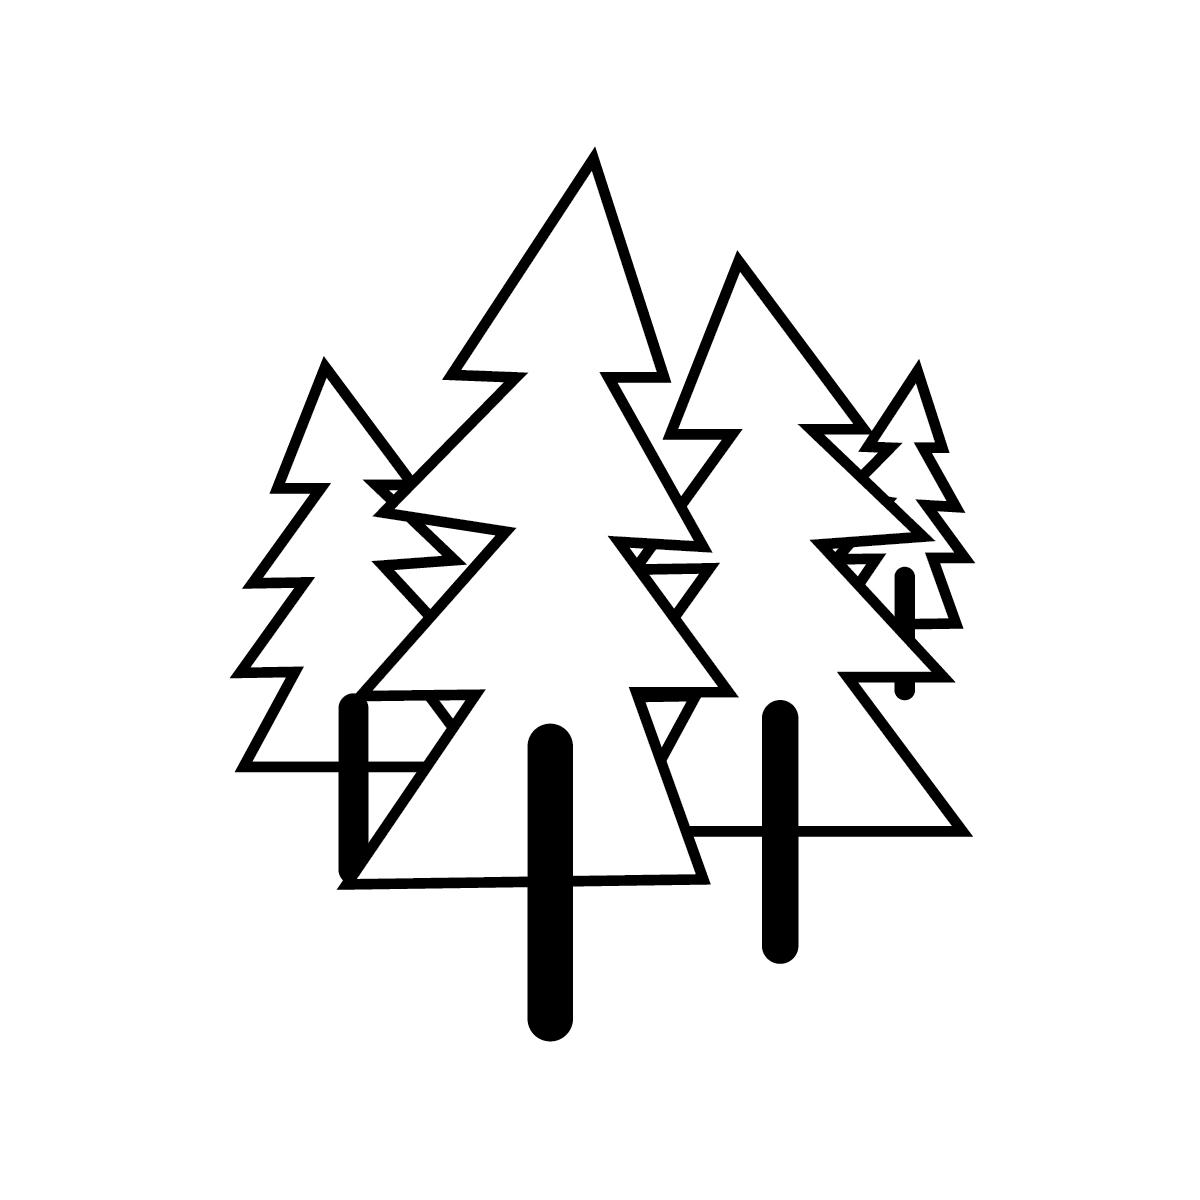 cc-logo_26.jpg